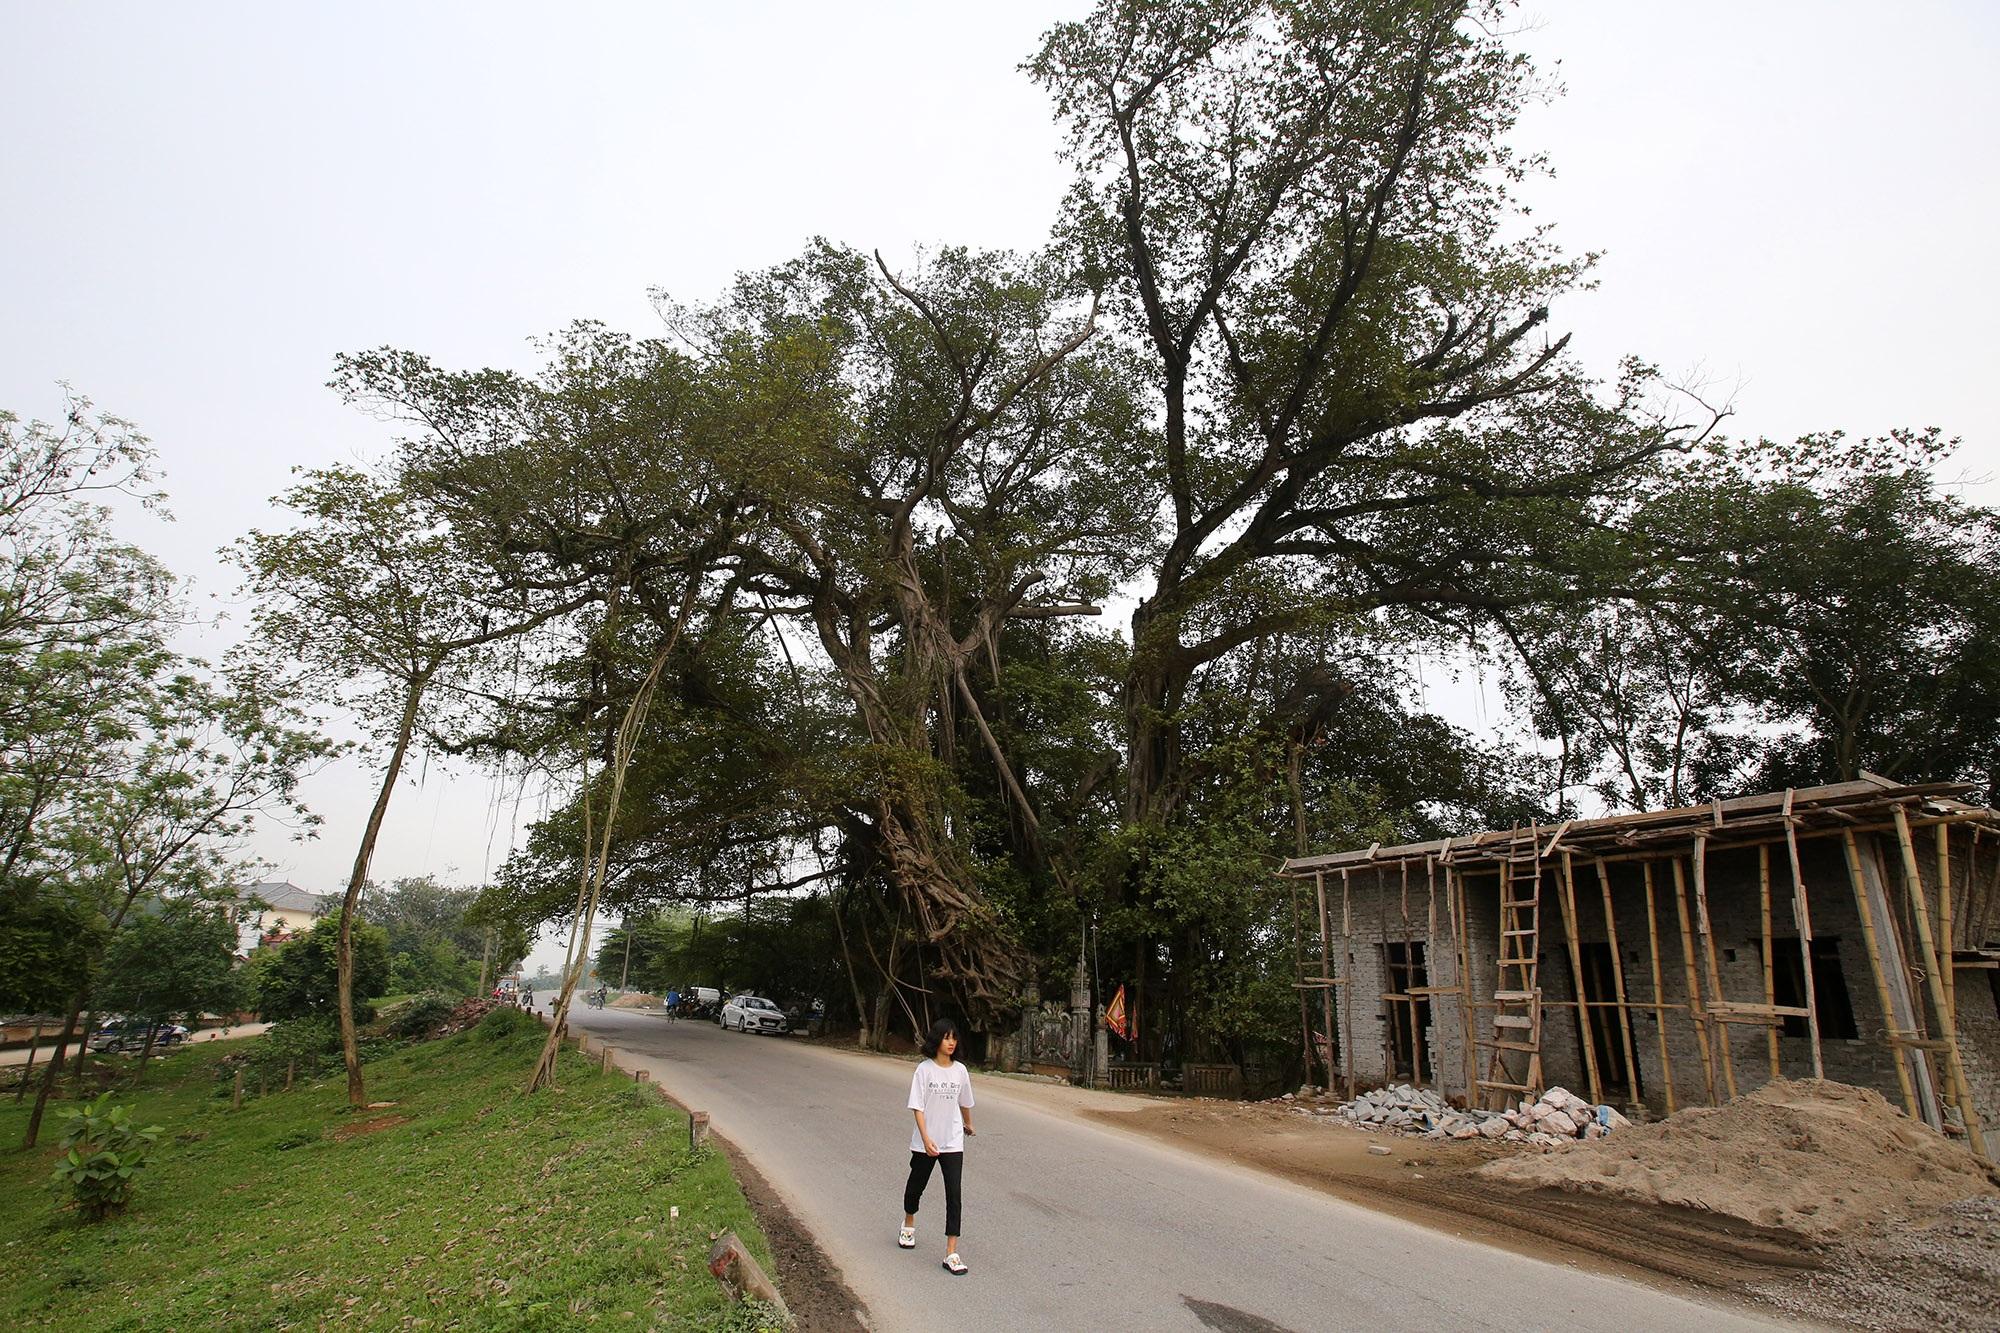 Chuyện ít người biết về cây đa khổng lồ ở xã Viên Nội - 1